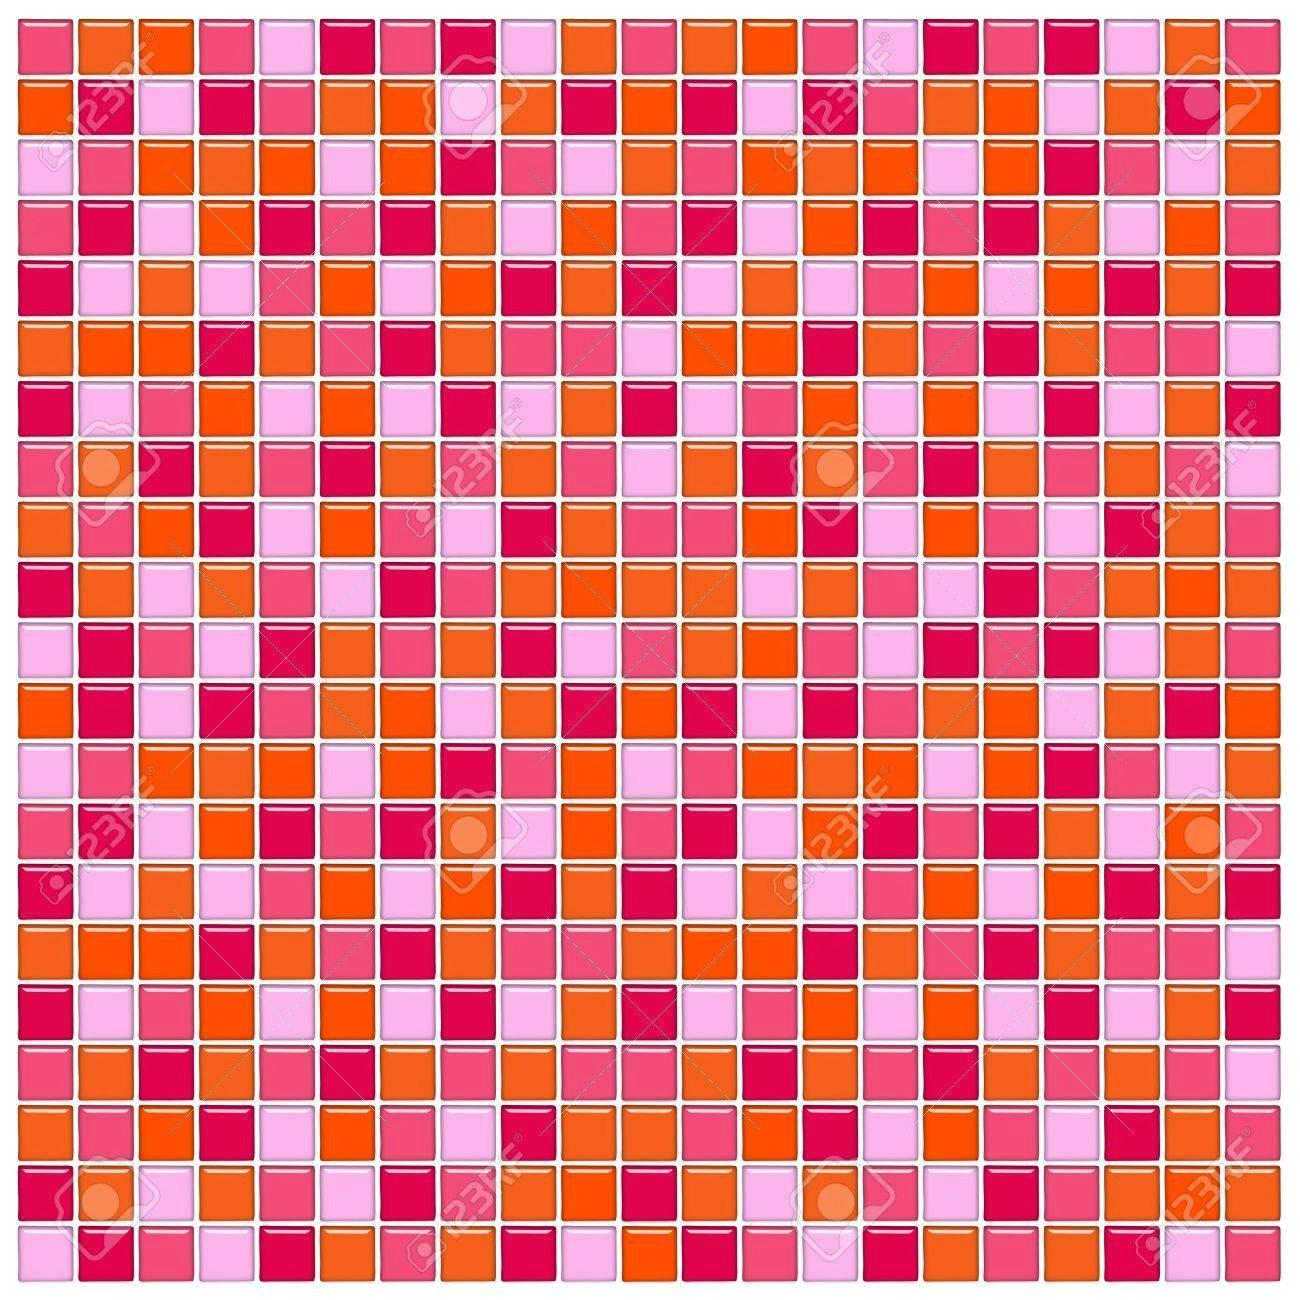 mosaique rose fushia avec rouge salle de bain best idees et mur la bains verre orange mosa c3 afques banque du0027images or d 3